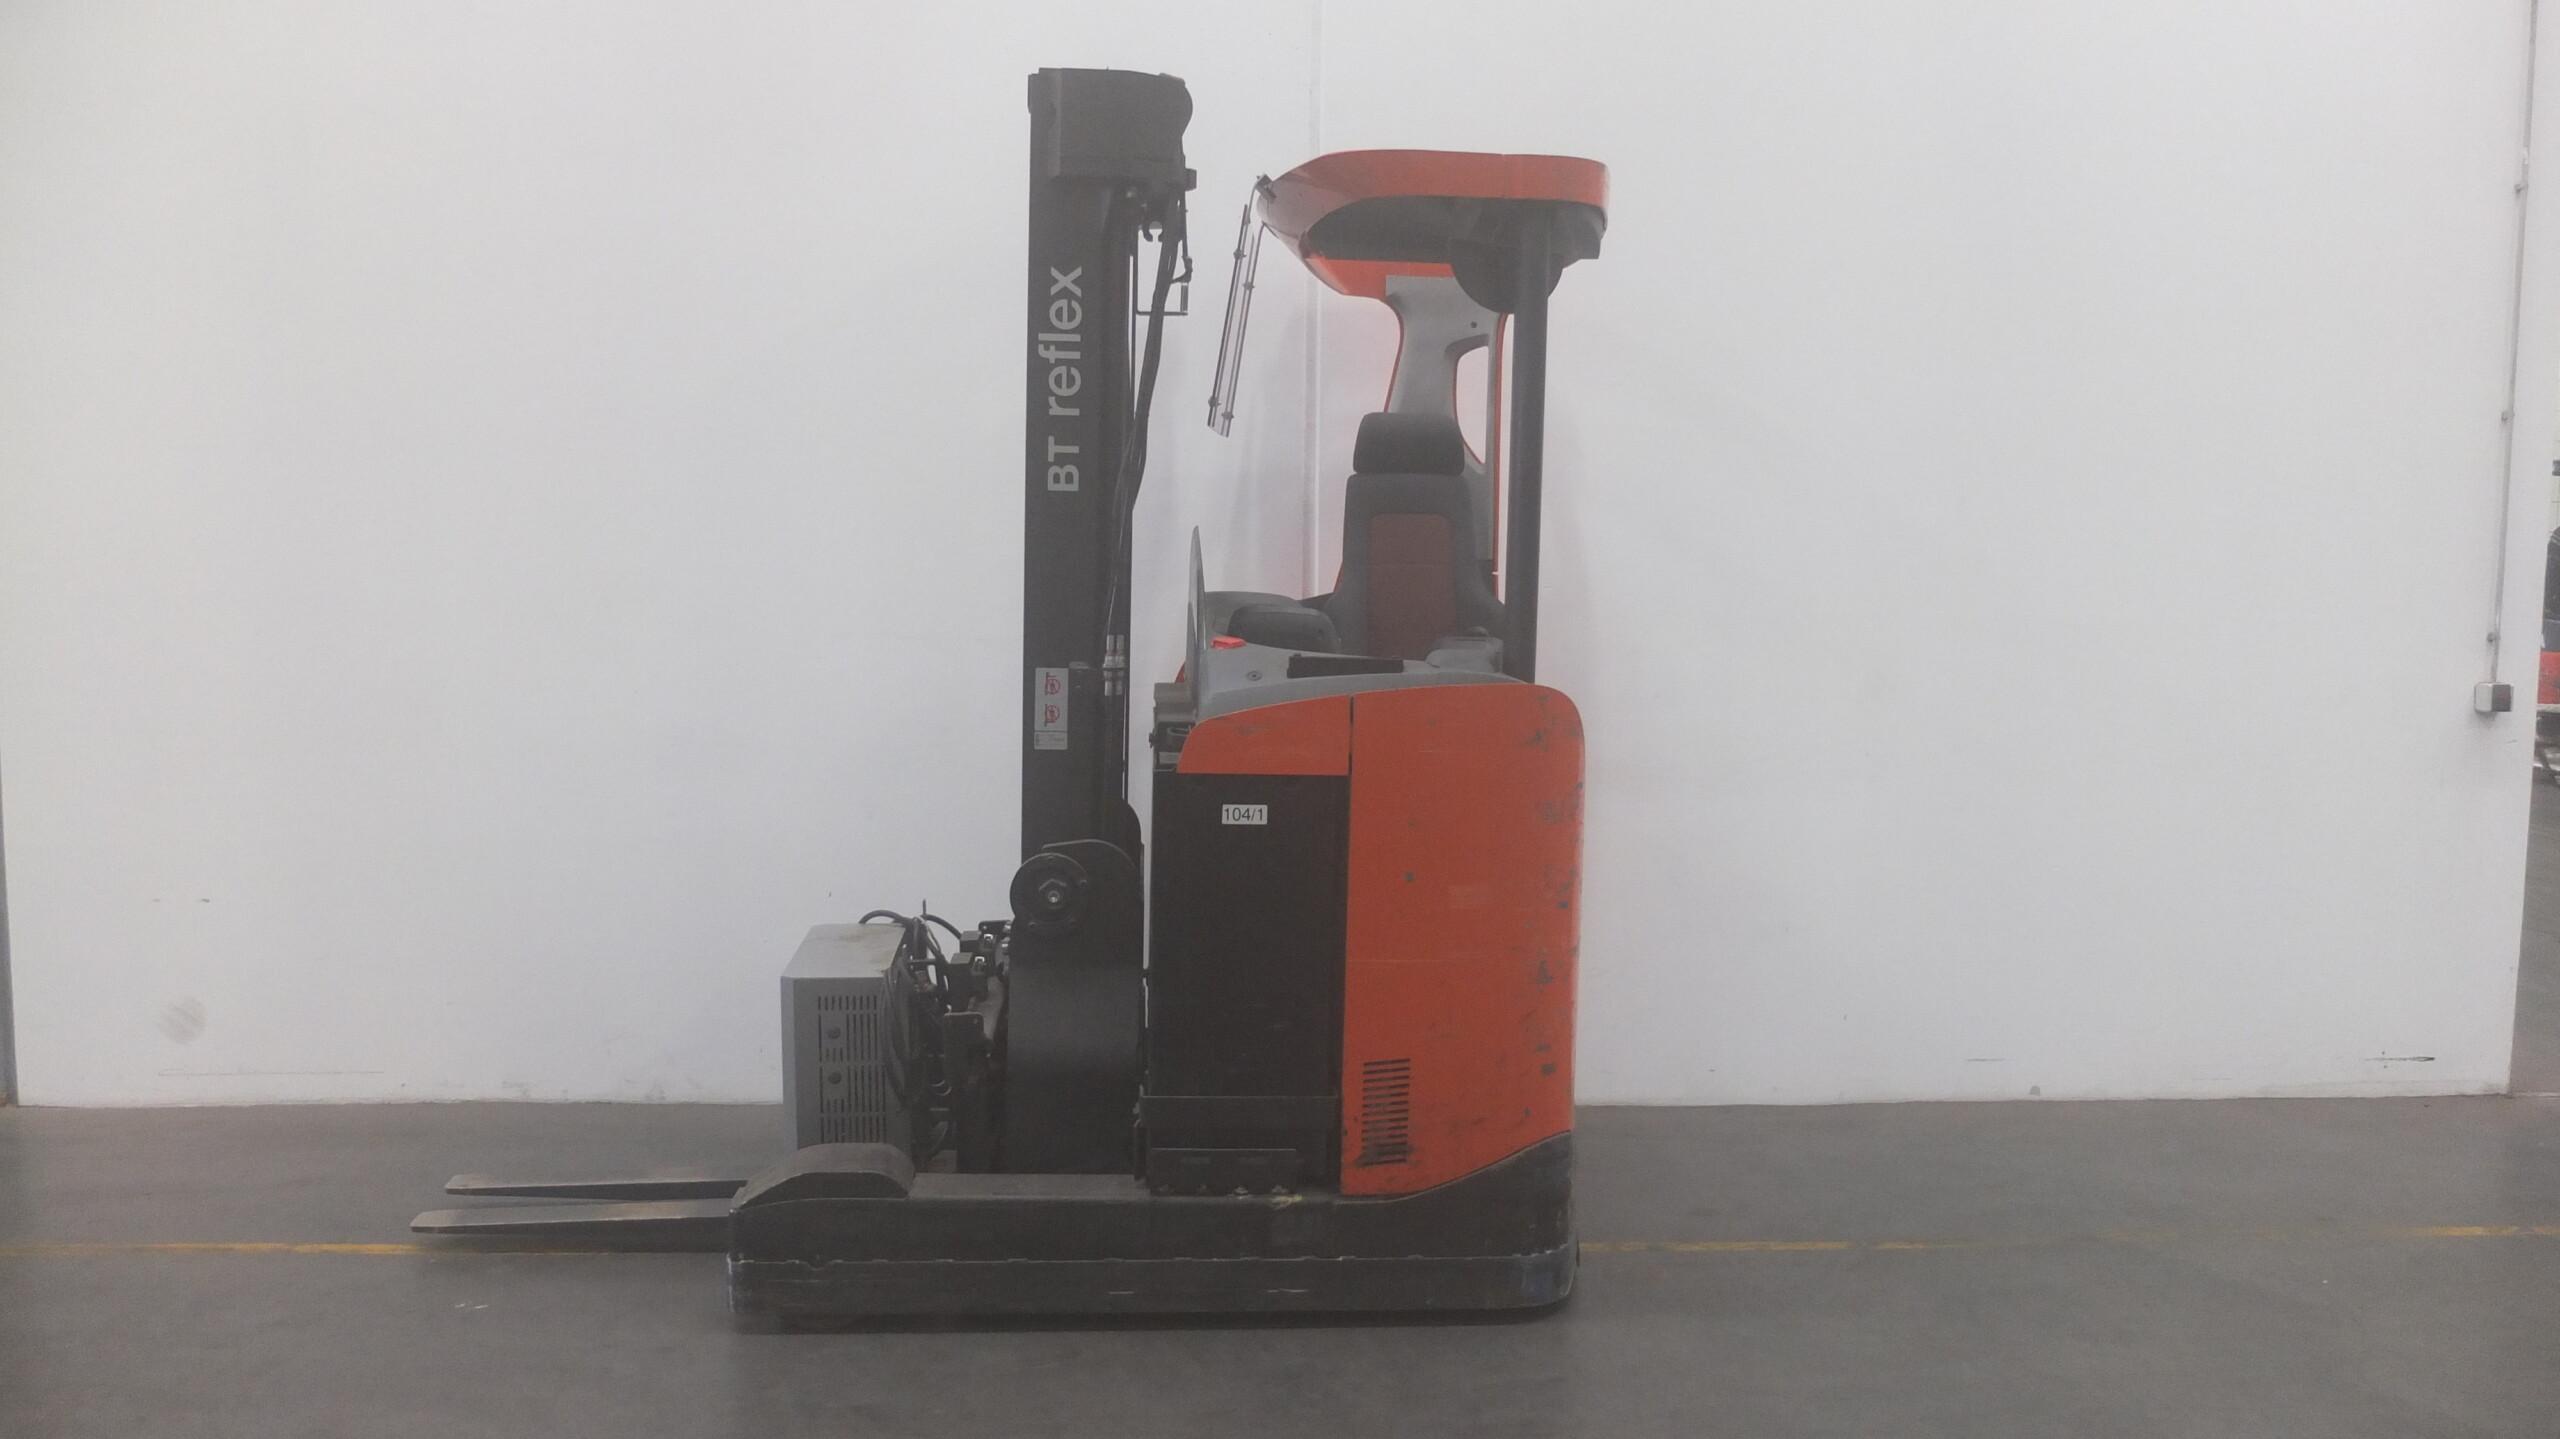 Toyota-Gabelstapler-59840 1506032994 1 34 scaled